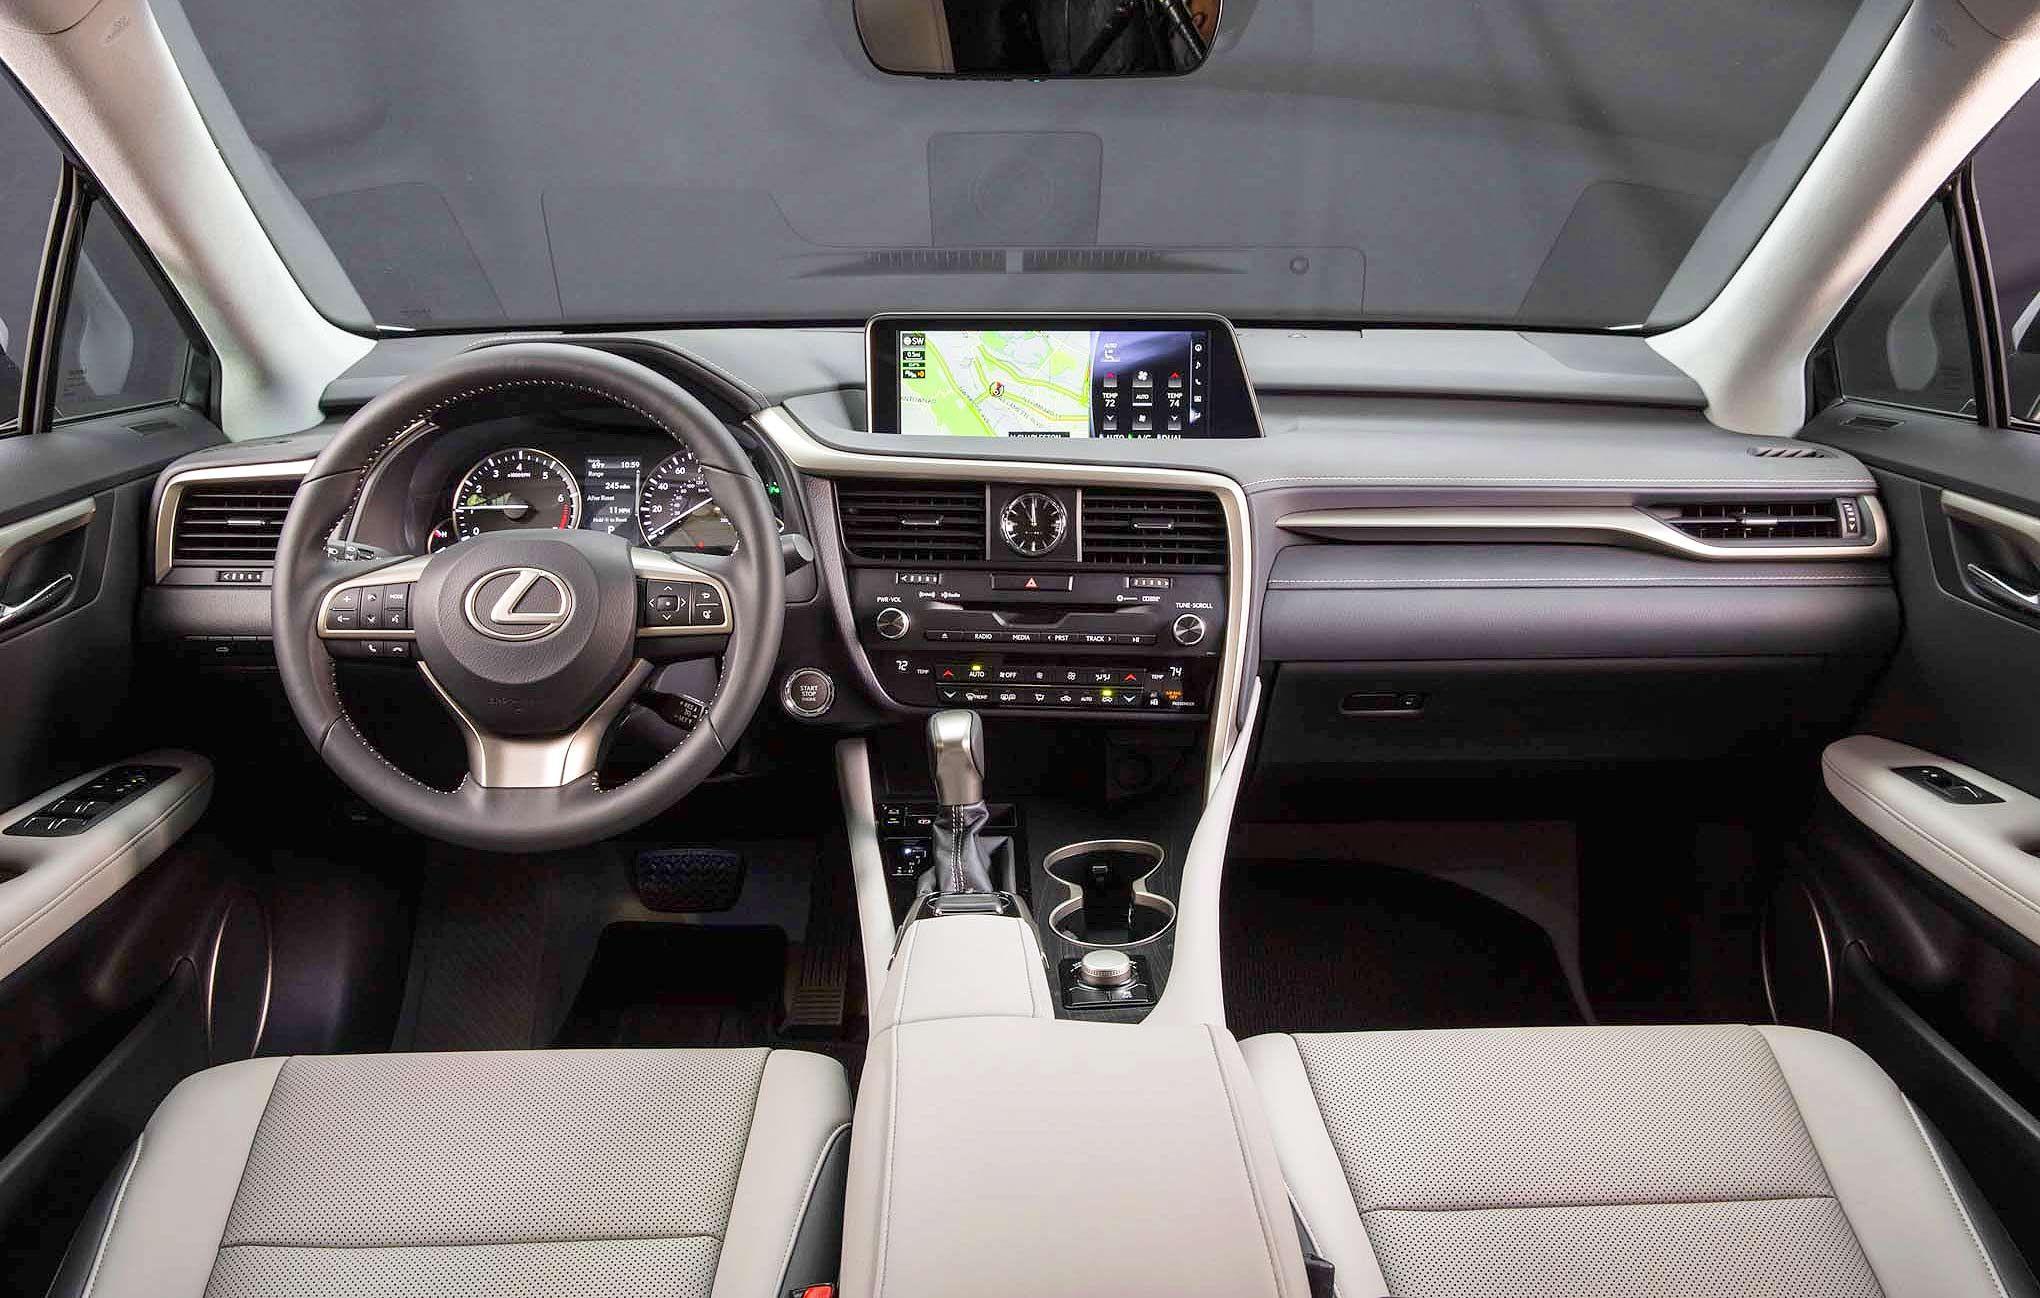 2019 Lexus Rc 200t Engine Specs Price And Release Date Lexus Rx 350 Lexus Rx 350 Interior Lexus